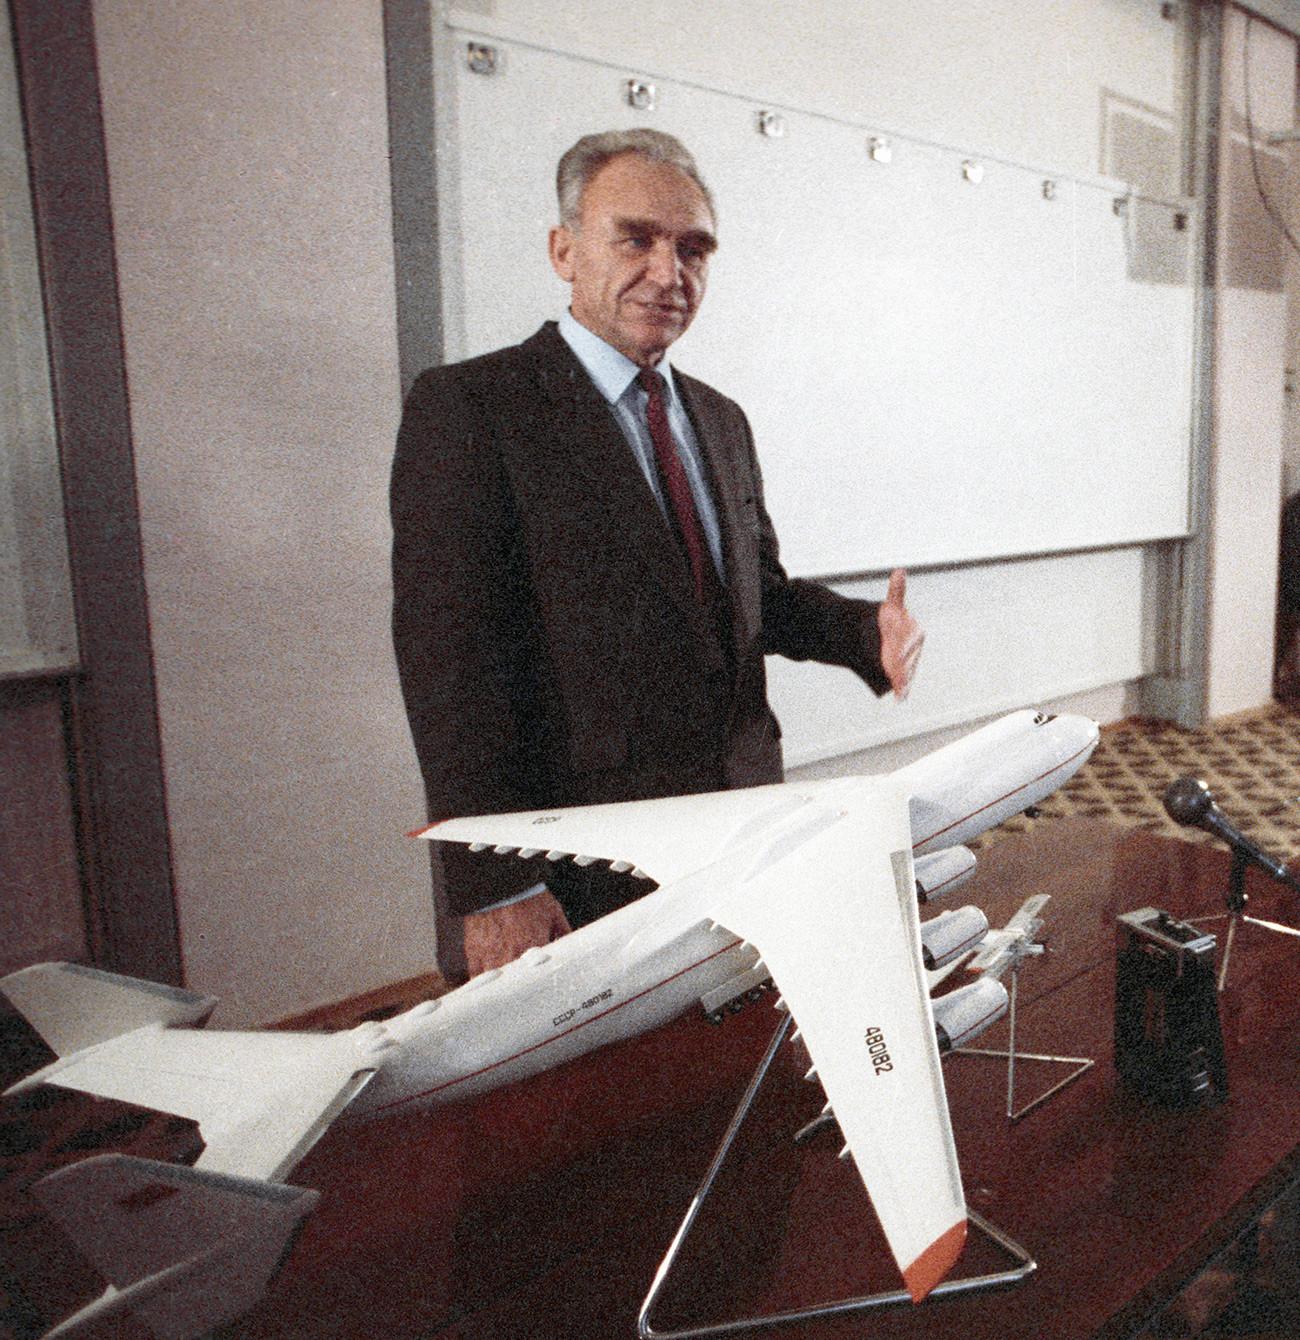 Generalni konstruktor - heroj socialističnega dela Pjotr Balabujev z modelom letala An-225 Mrija